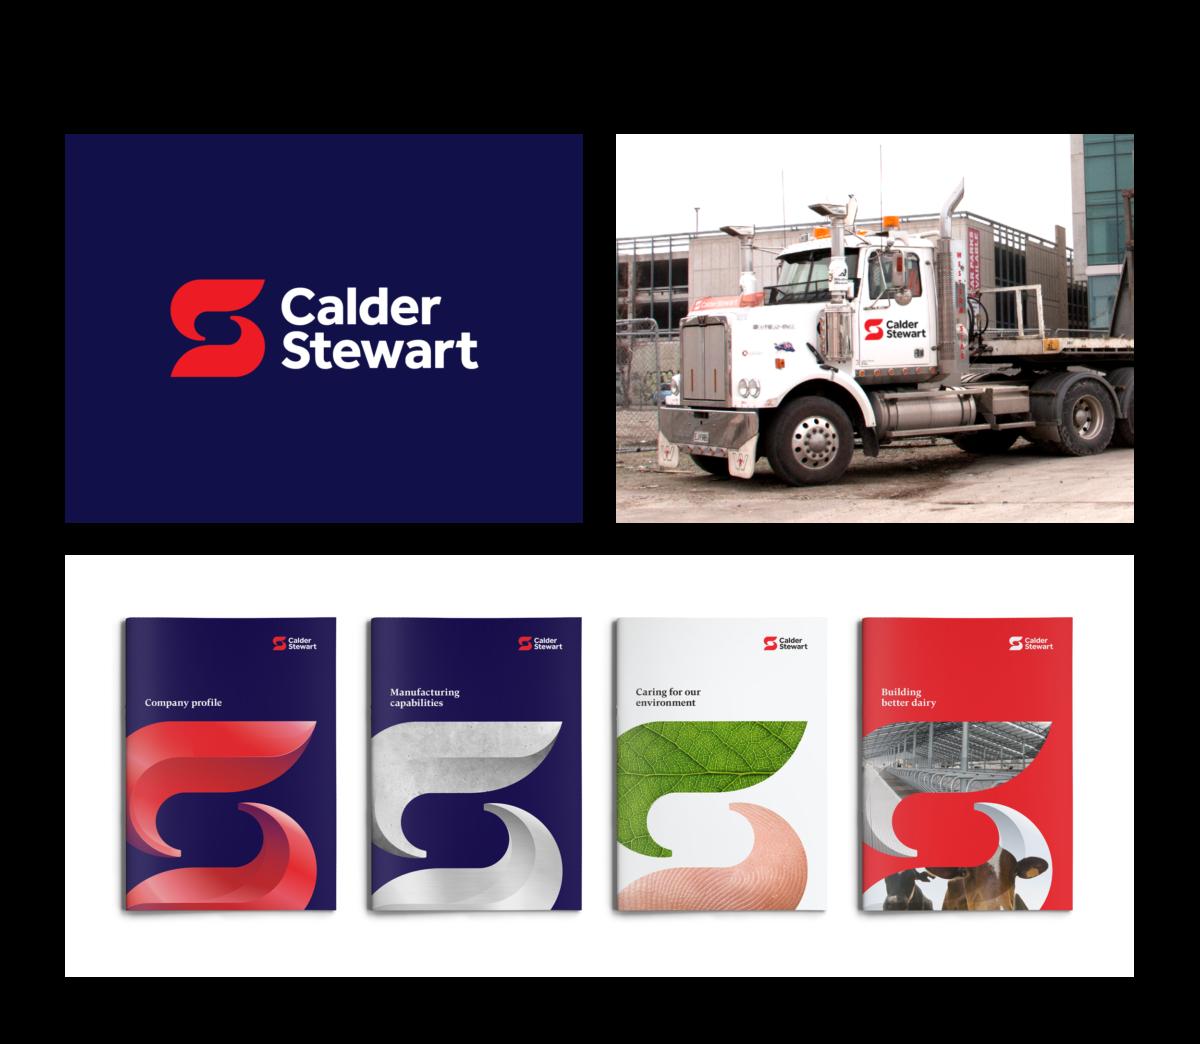 Calder Stewart Brand Images 2020 1 Brand2